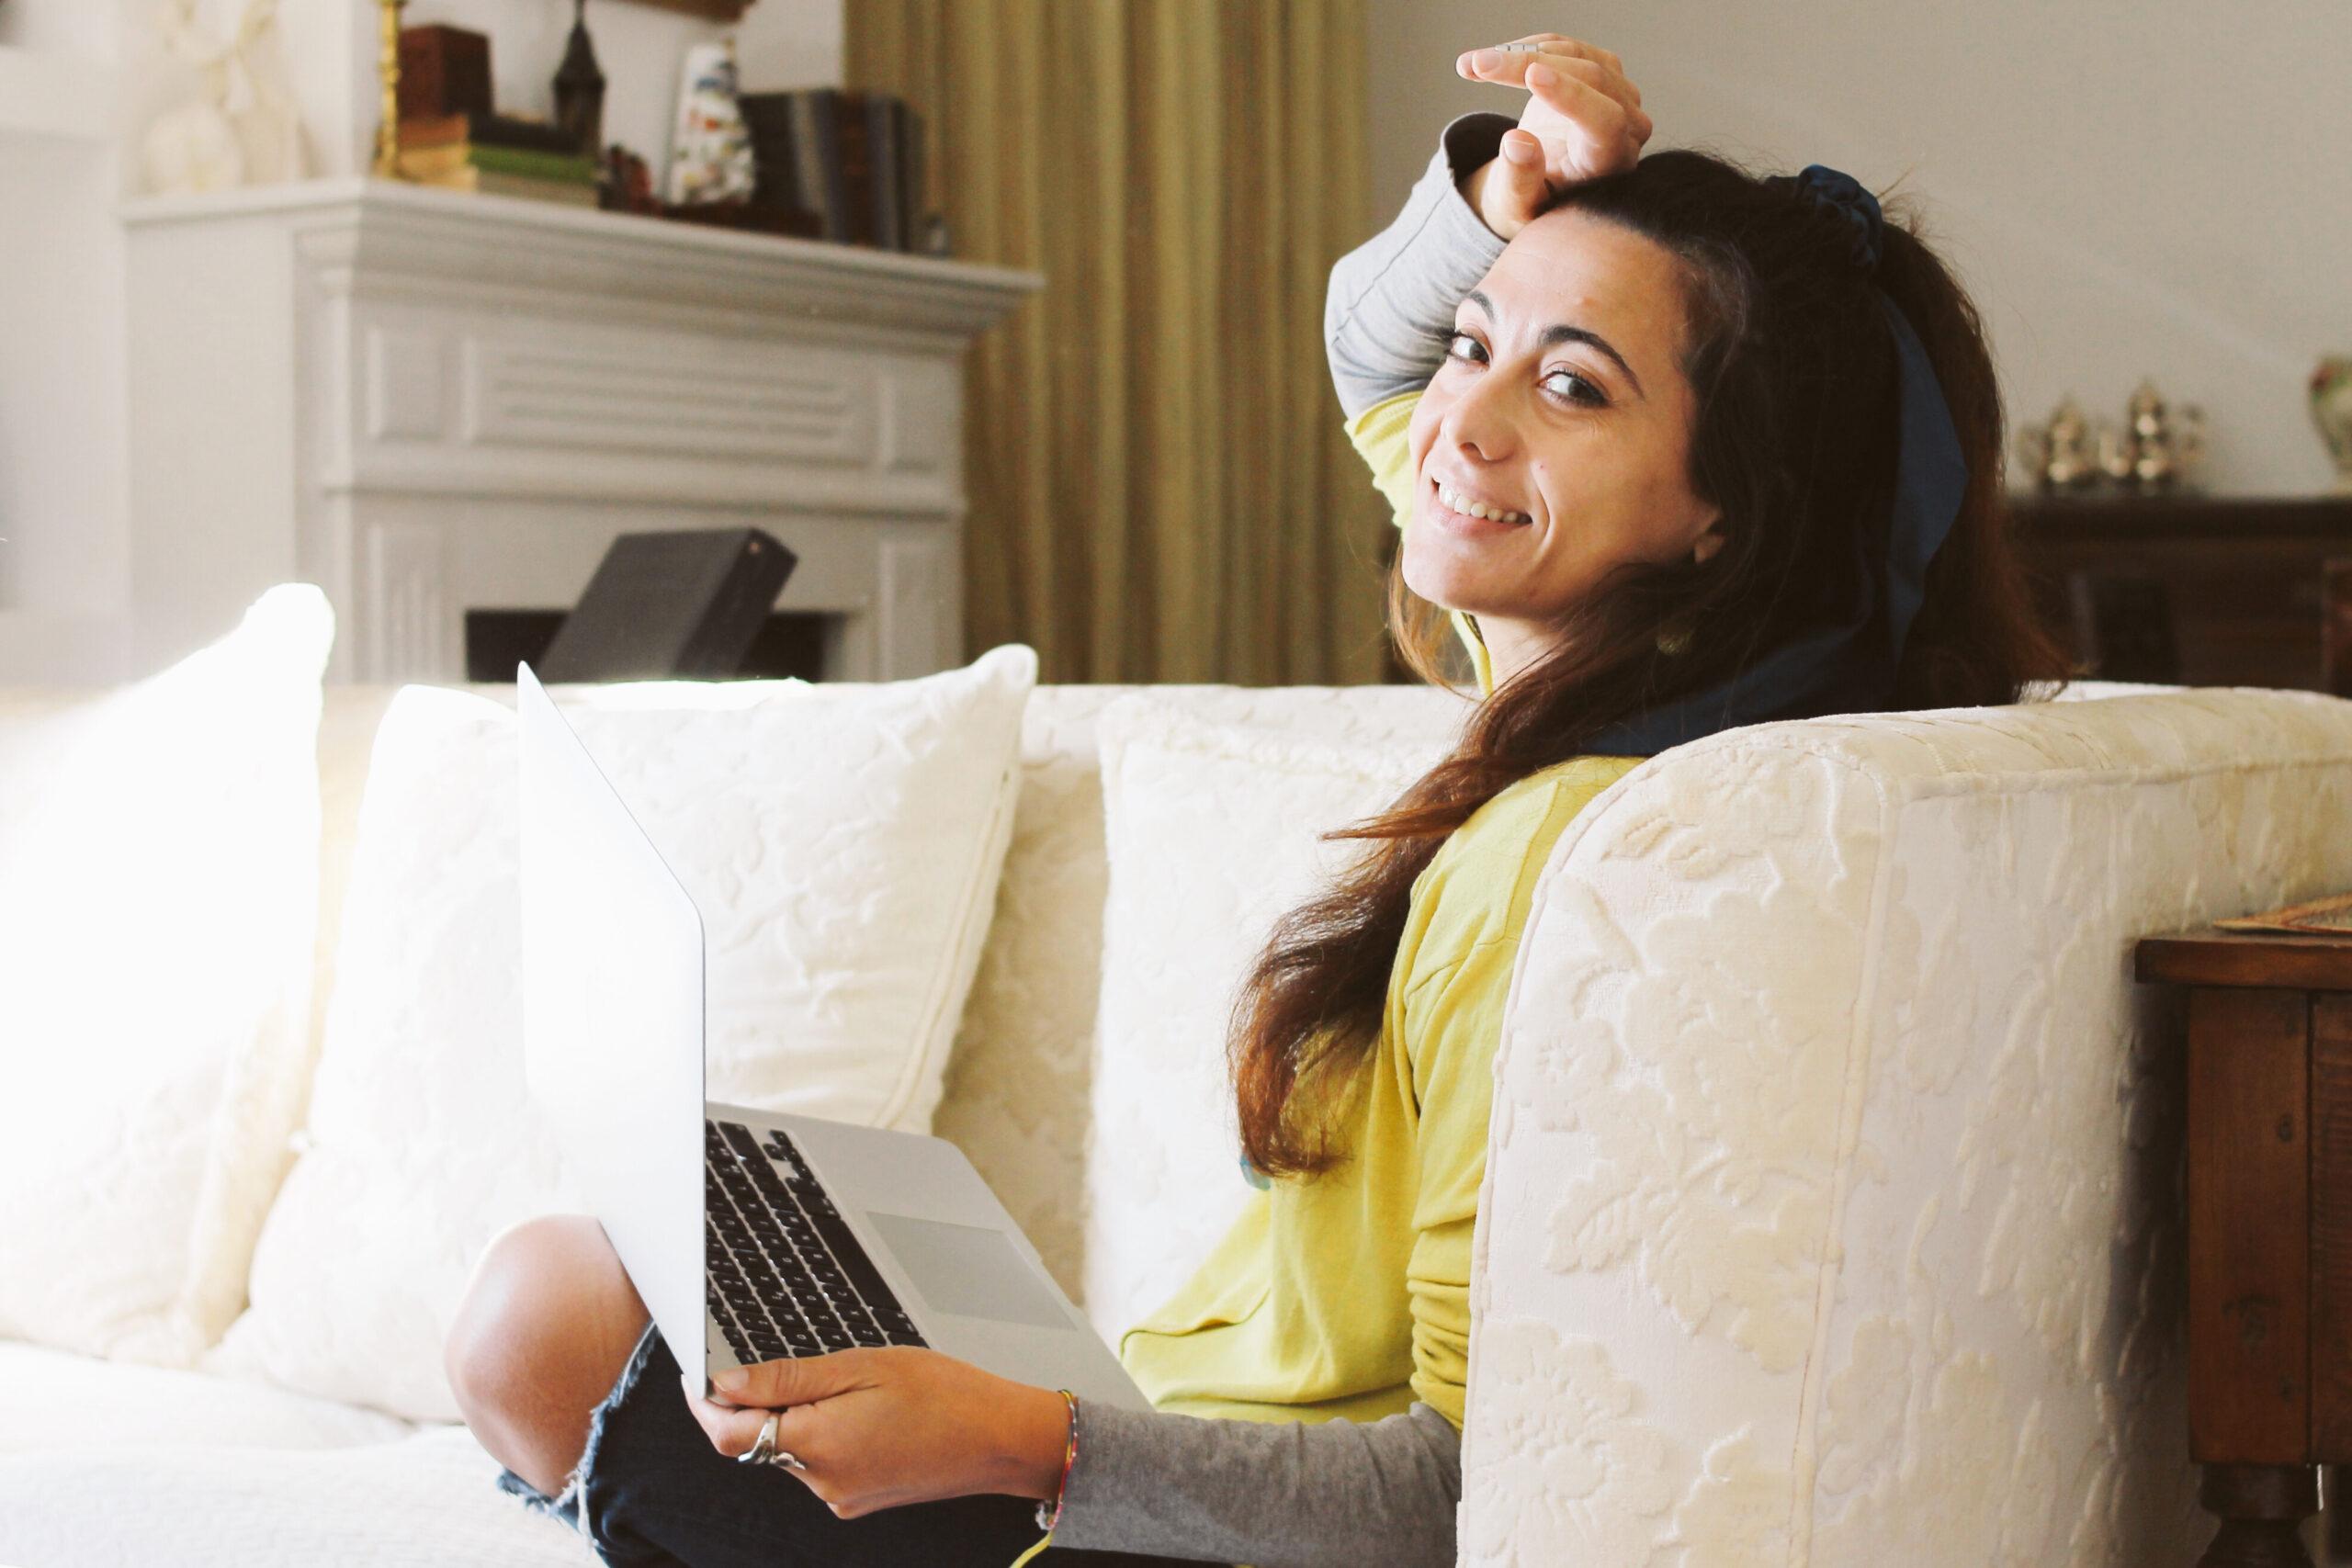 Come scrivere velocemente nuovi post: come fanno i blogger full time